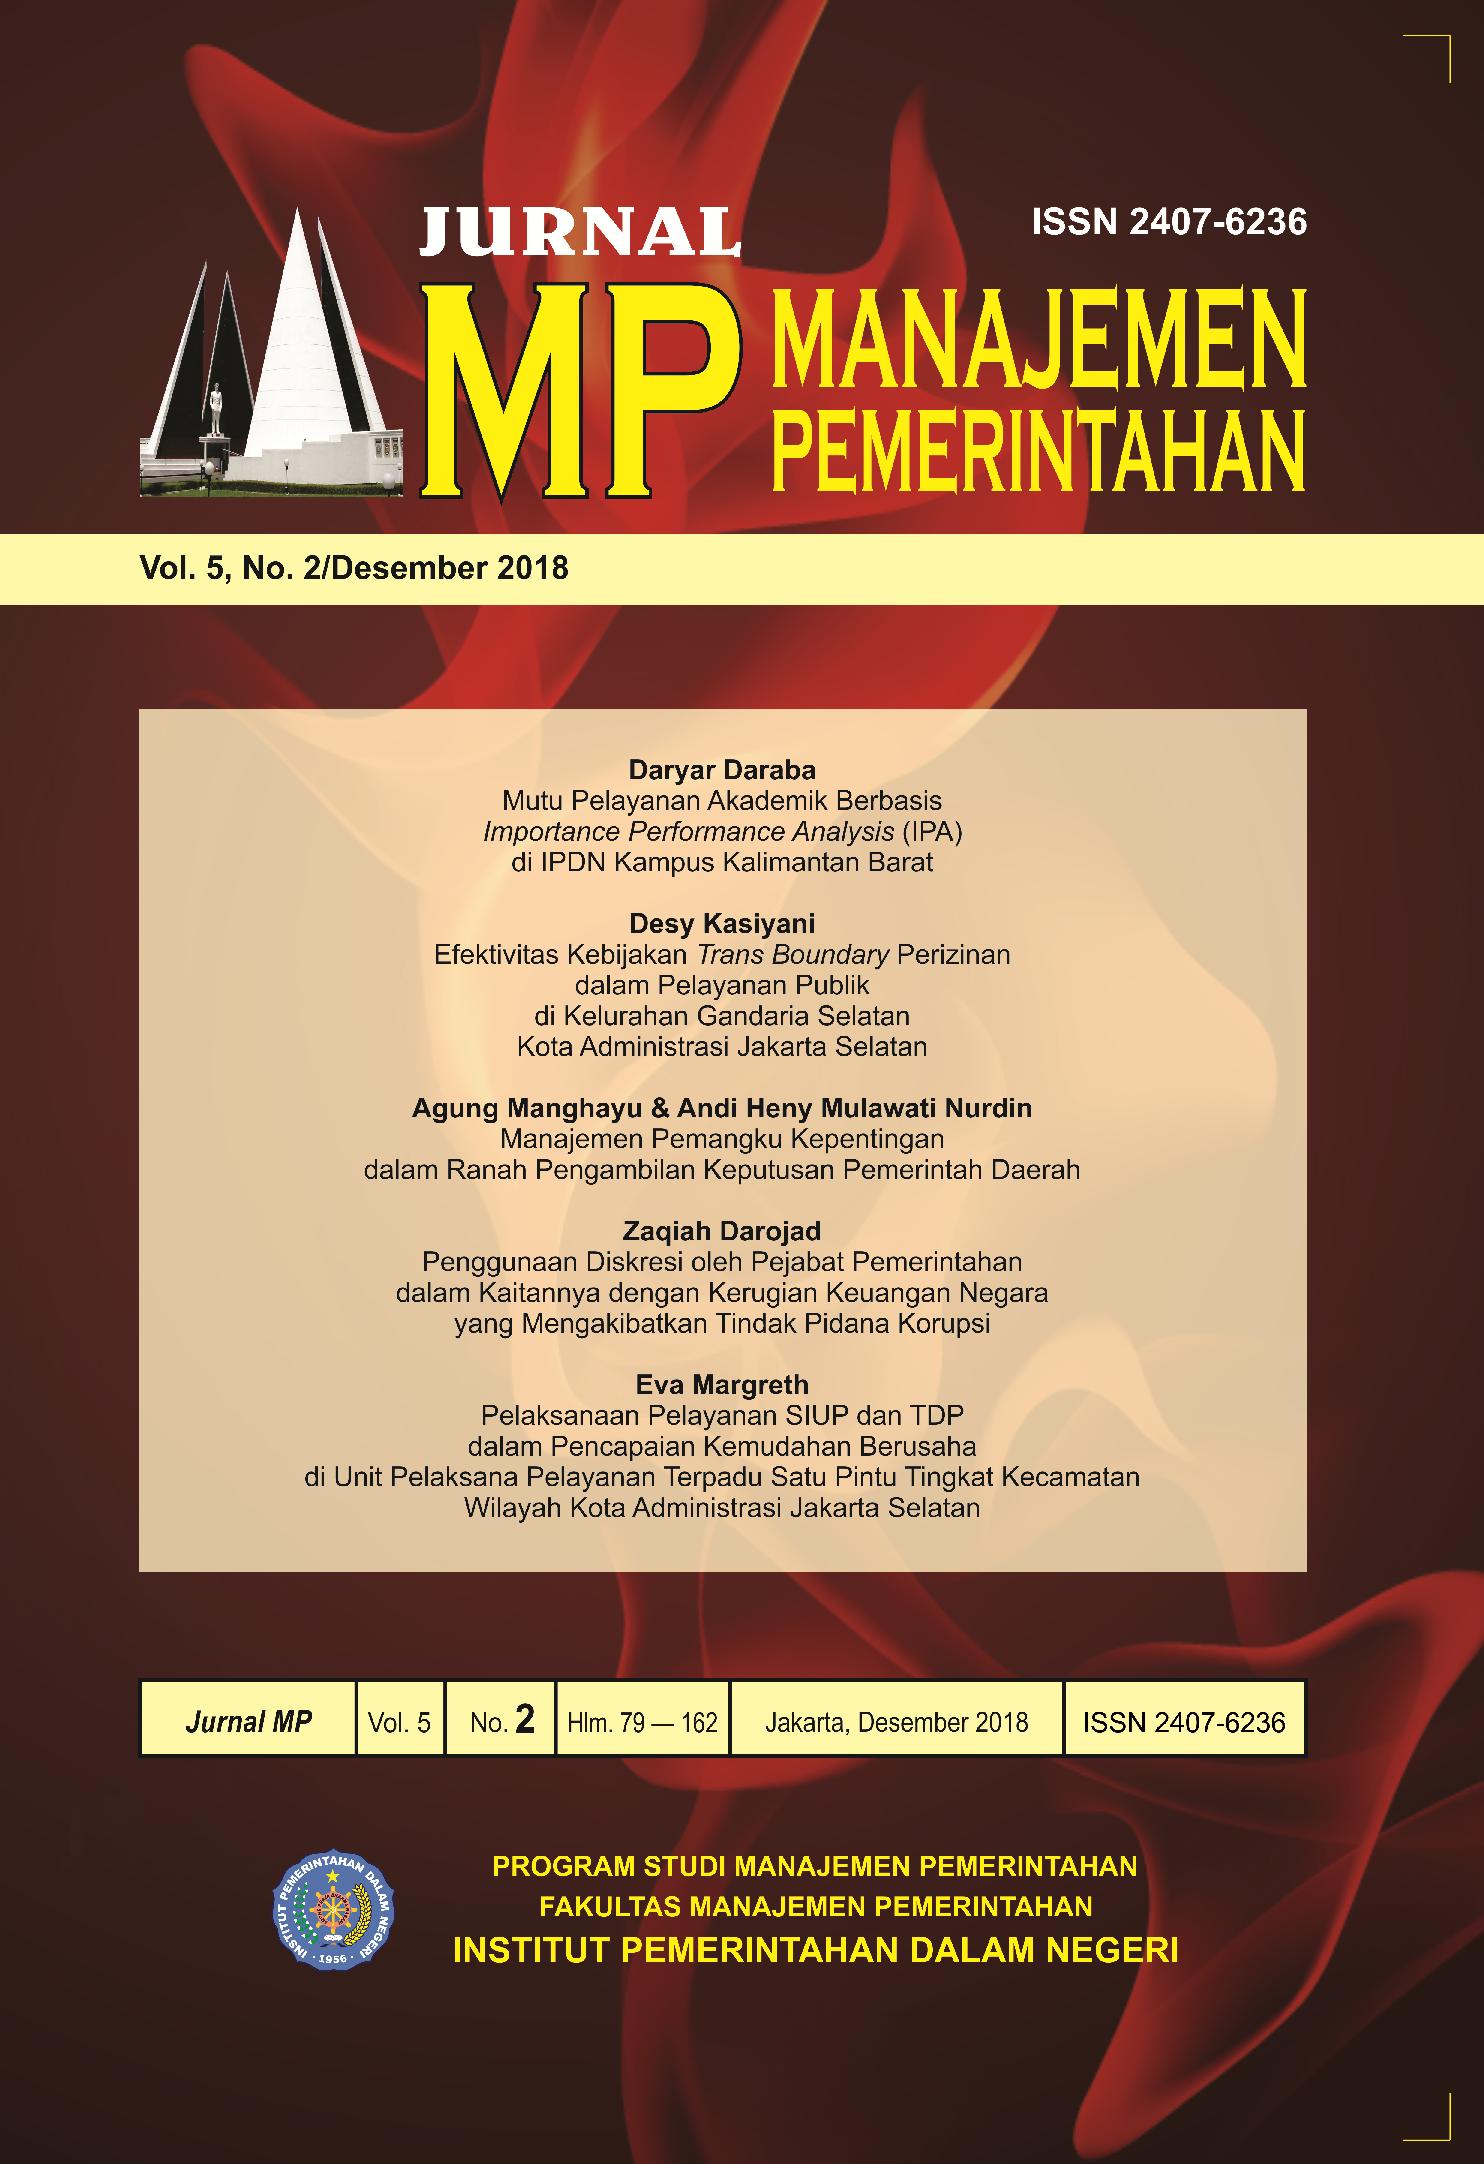 Efektivitas Kebijakan Trans Boundary Perizinan Dalam Pelayanan Publik Di Kelurahan Gandaria Selatan Kota Administrasi Jakarta Selatan Provinsi Dki Jakarta Jurnal Mp Manajemen Pemerintahan